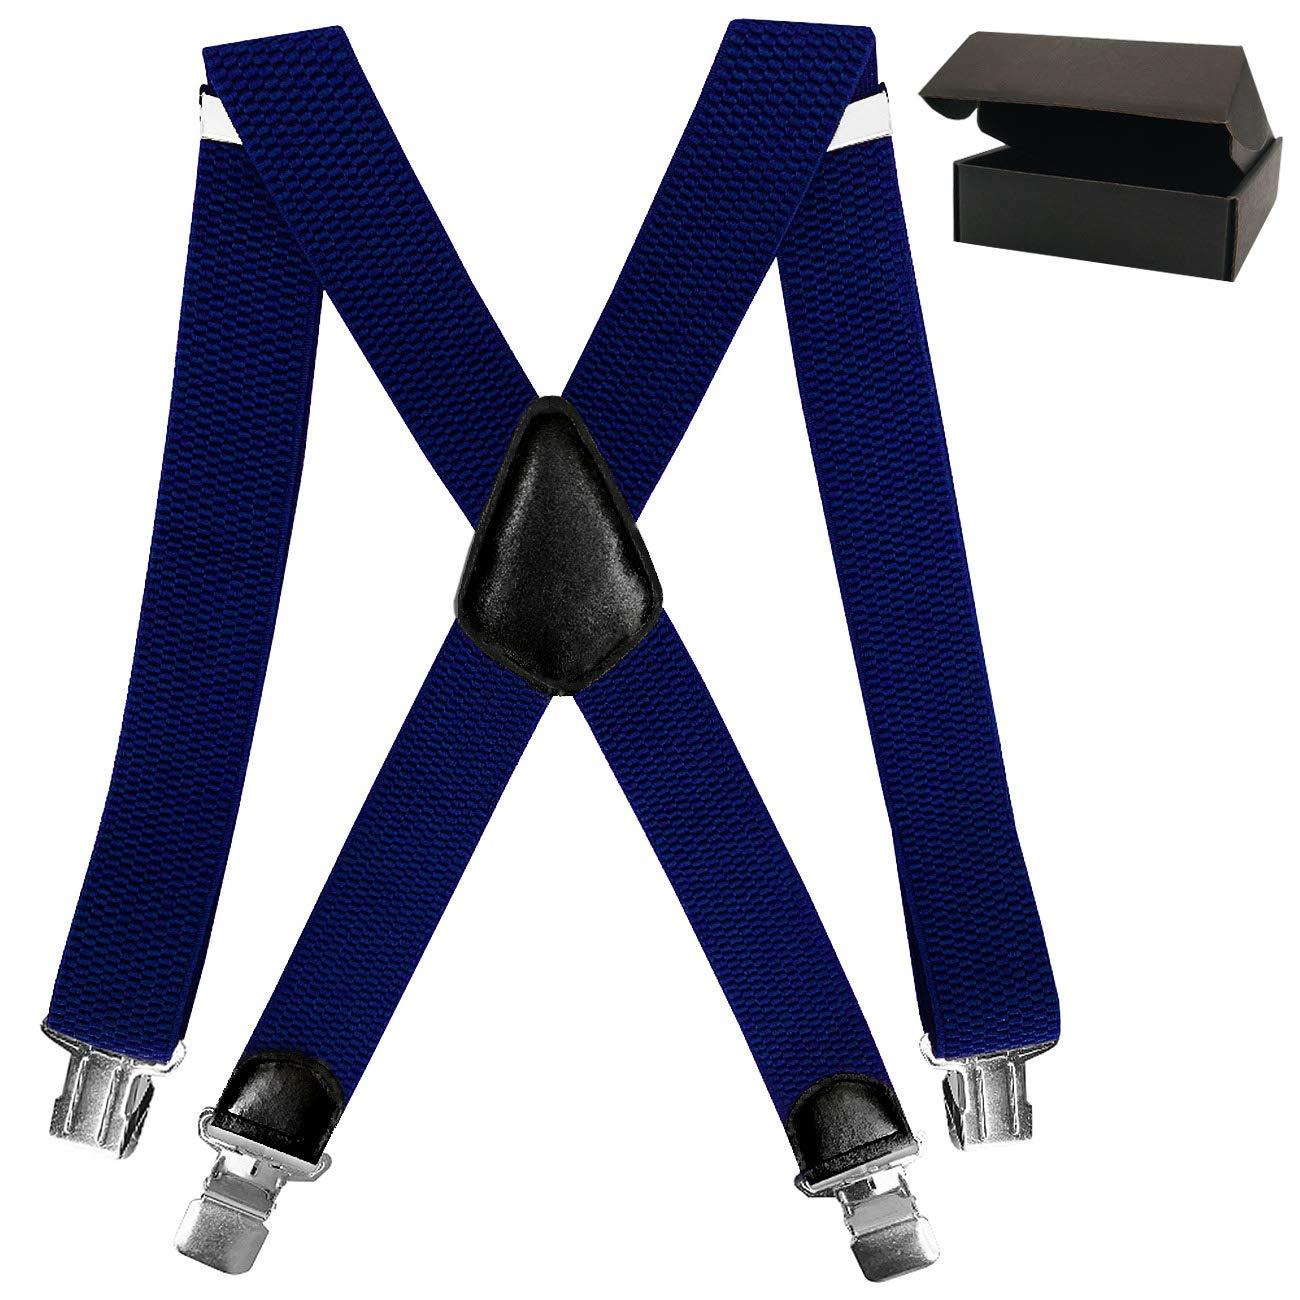 Hosenträ ger Herren - Verstellbare elastische Hosenträ ger und Hosenträ ger mit starken Clips elastische Herren-Hosenträ ger und Herren-Zahnspangen mit starken Clips